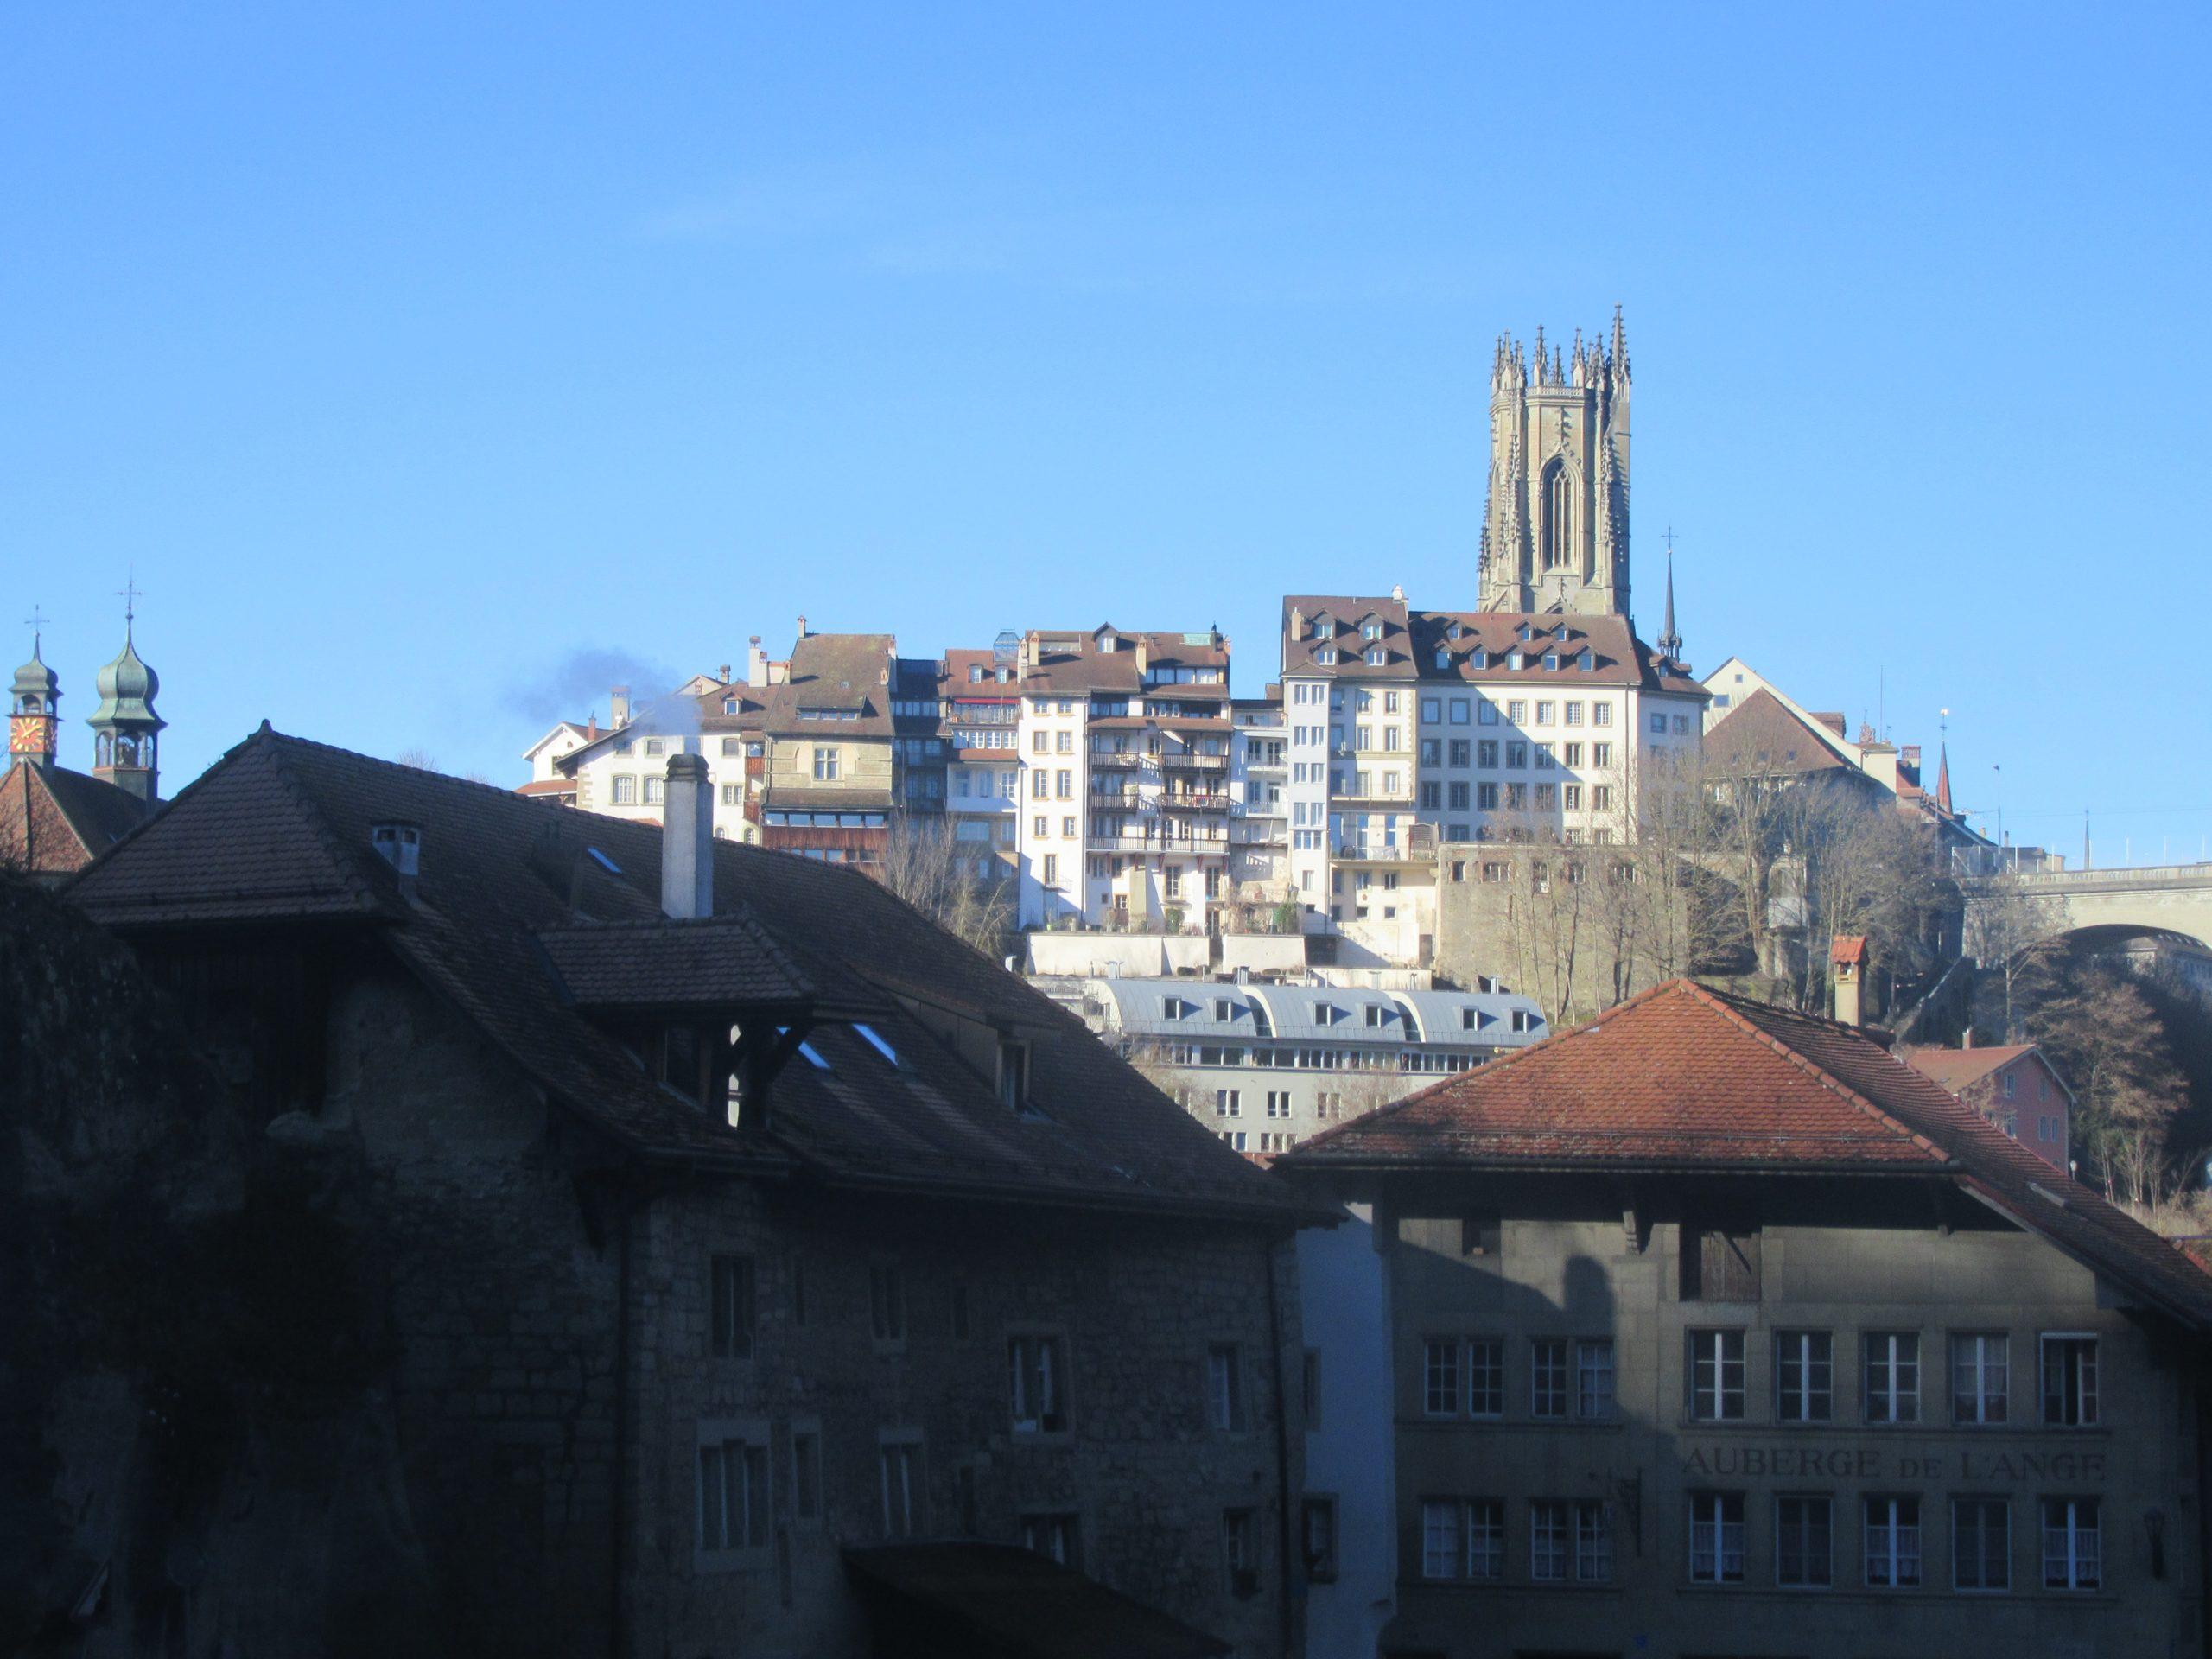 La cathédrale Saint Nicolas de Fribourg en Suisse